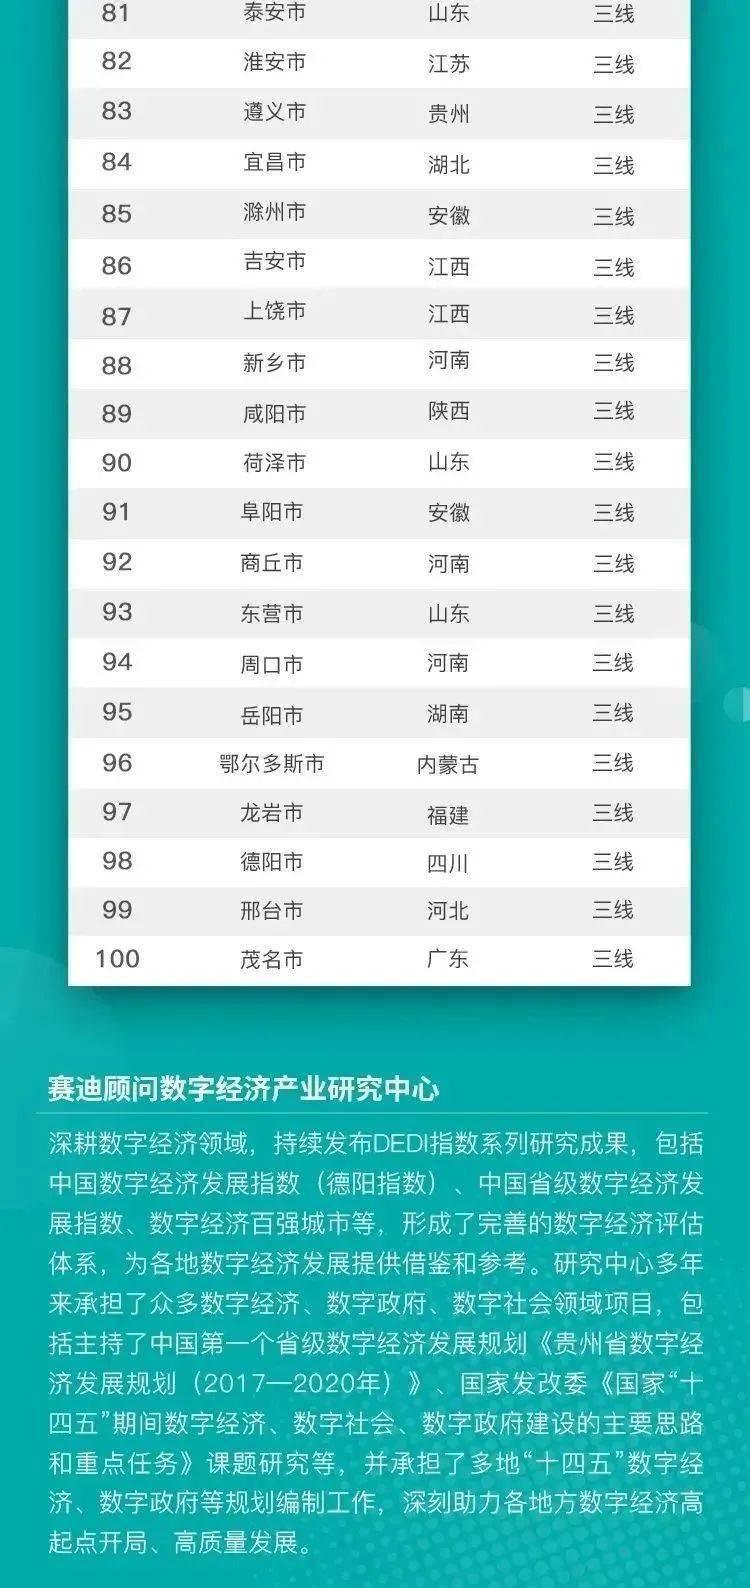 烟台gdp2021_青岛济南烟台2021年一季度财政收入,济南表现最佳 烟台低迷